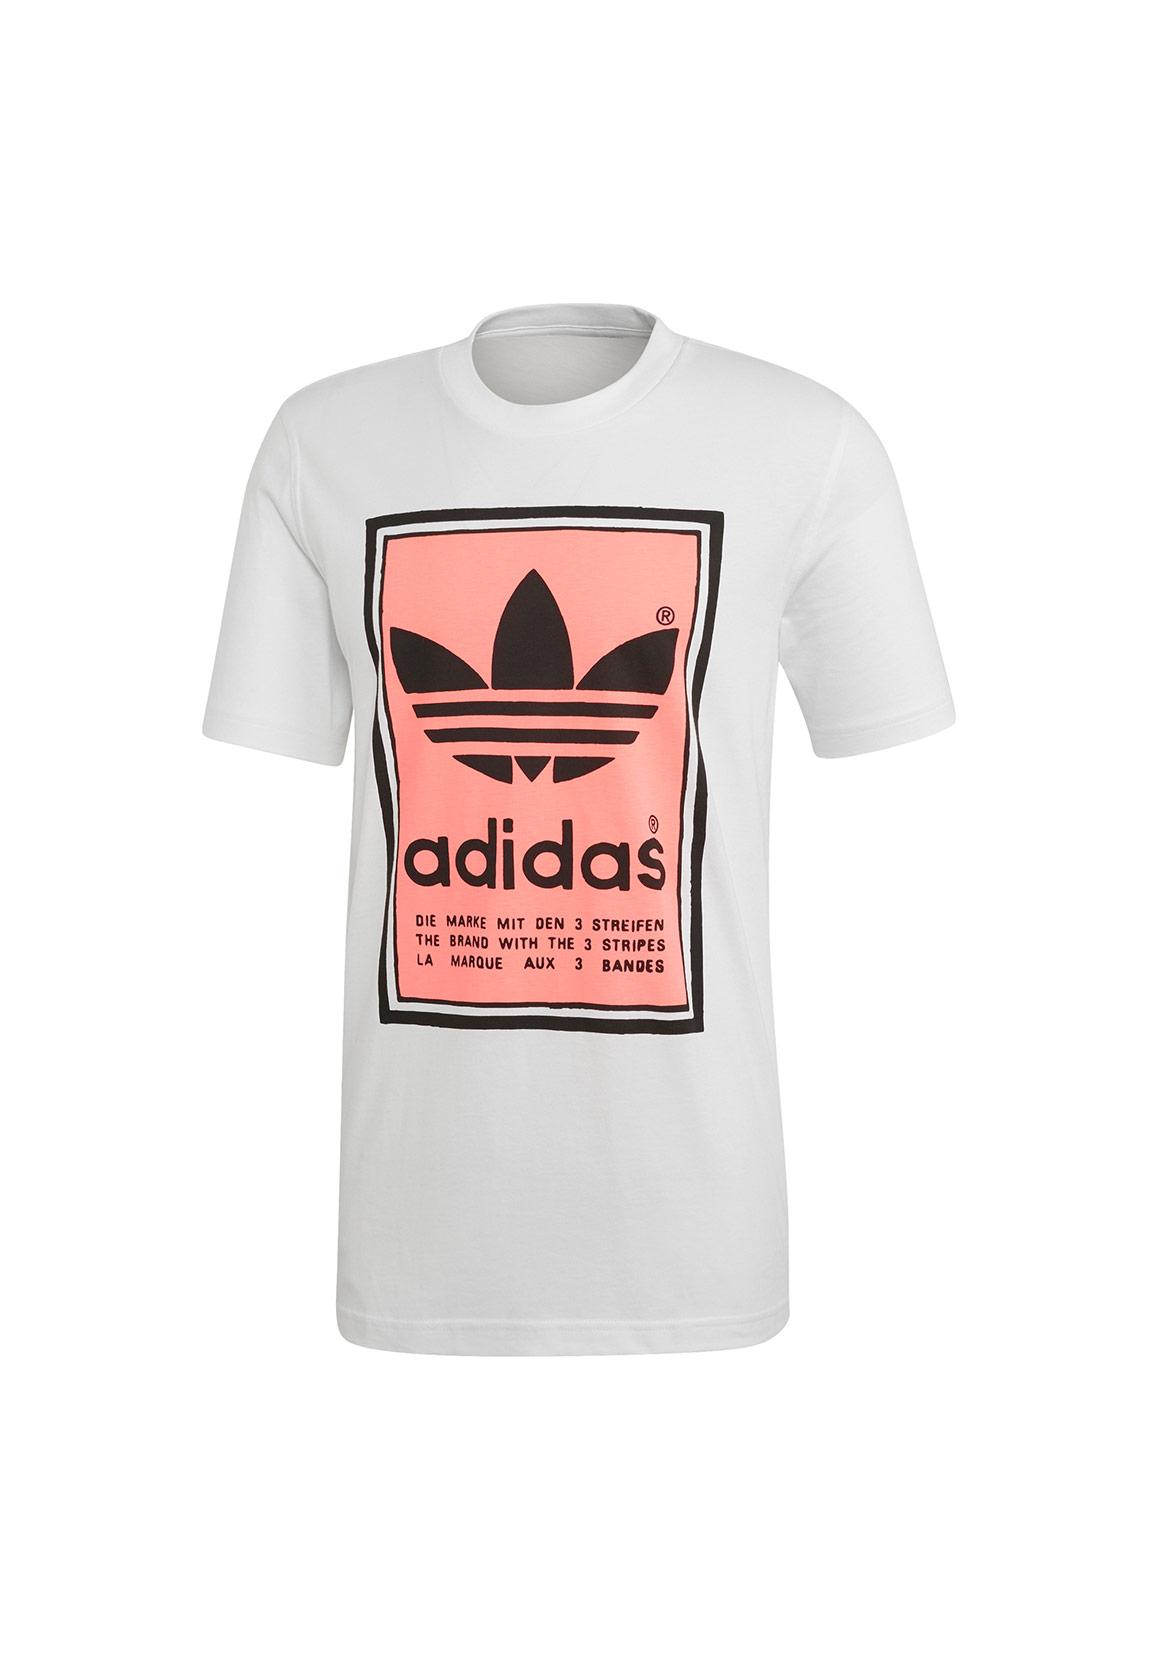 t-shirt adidas herren streifen